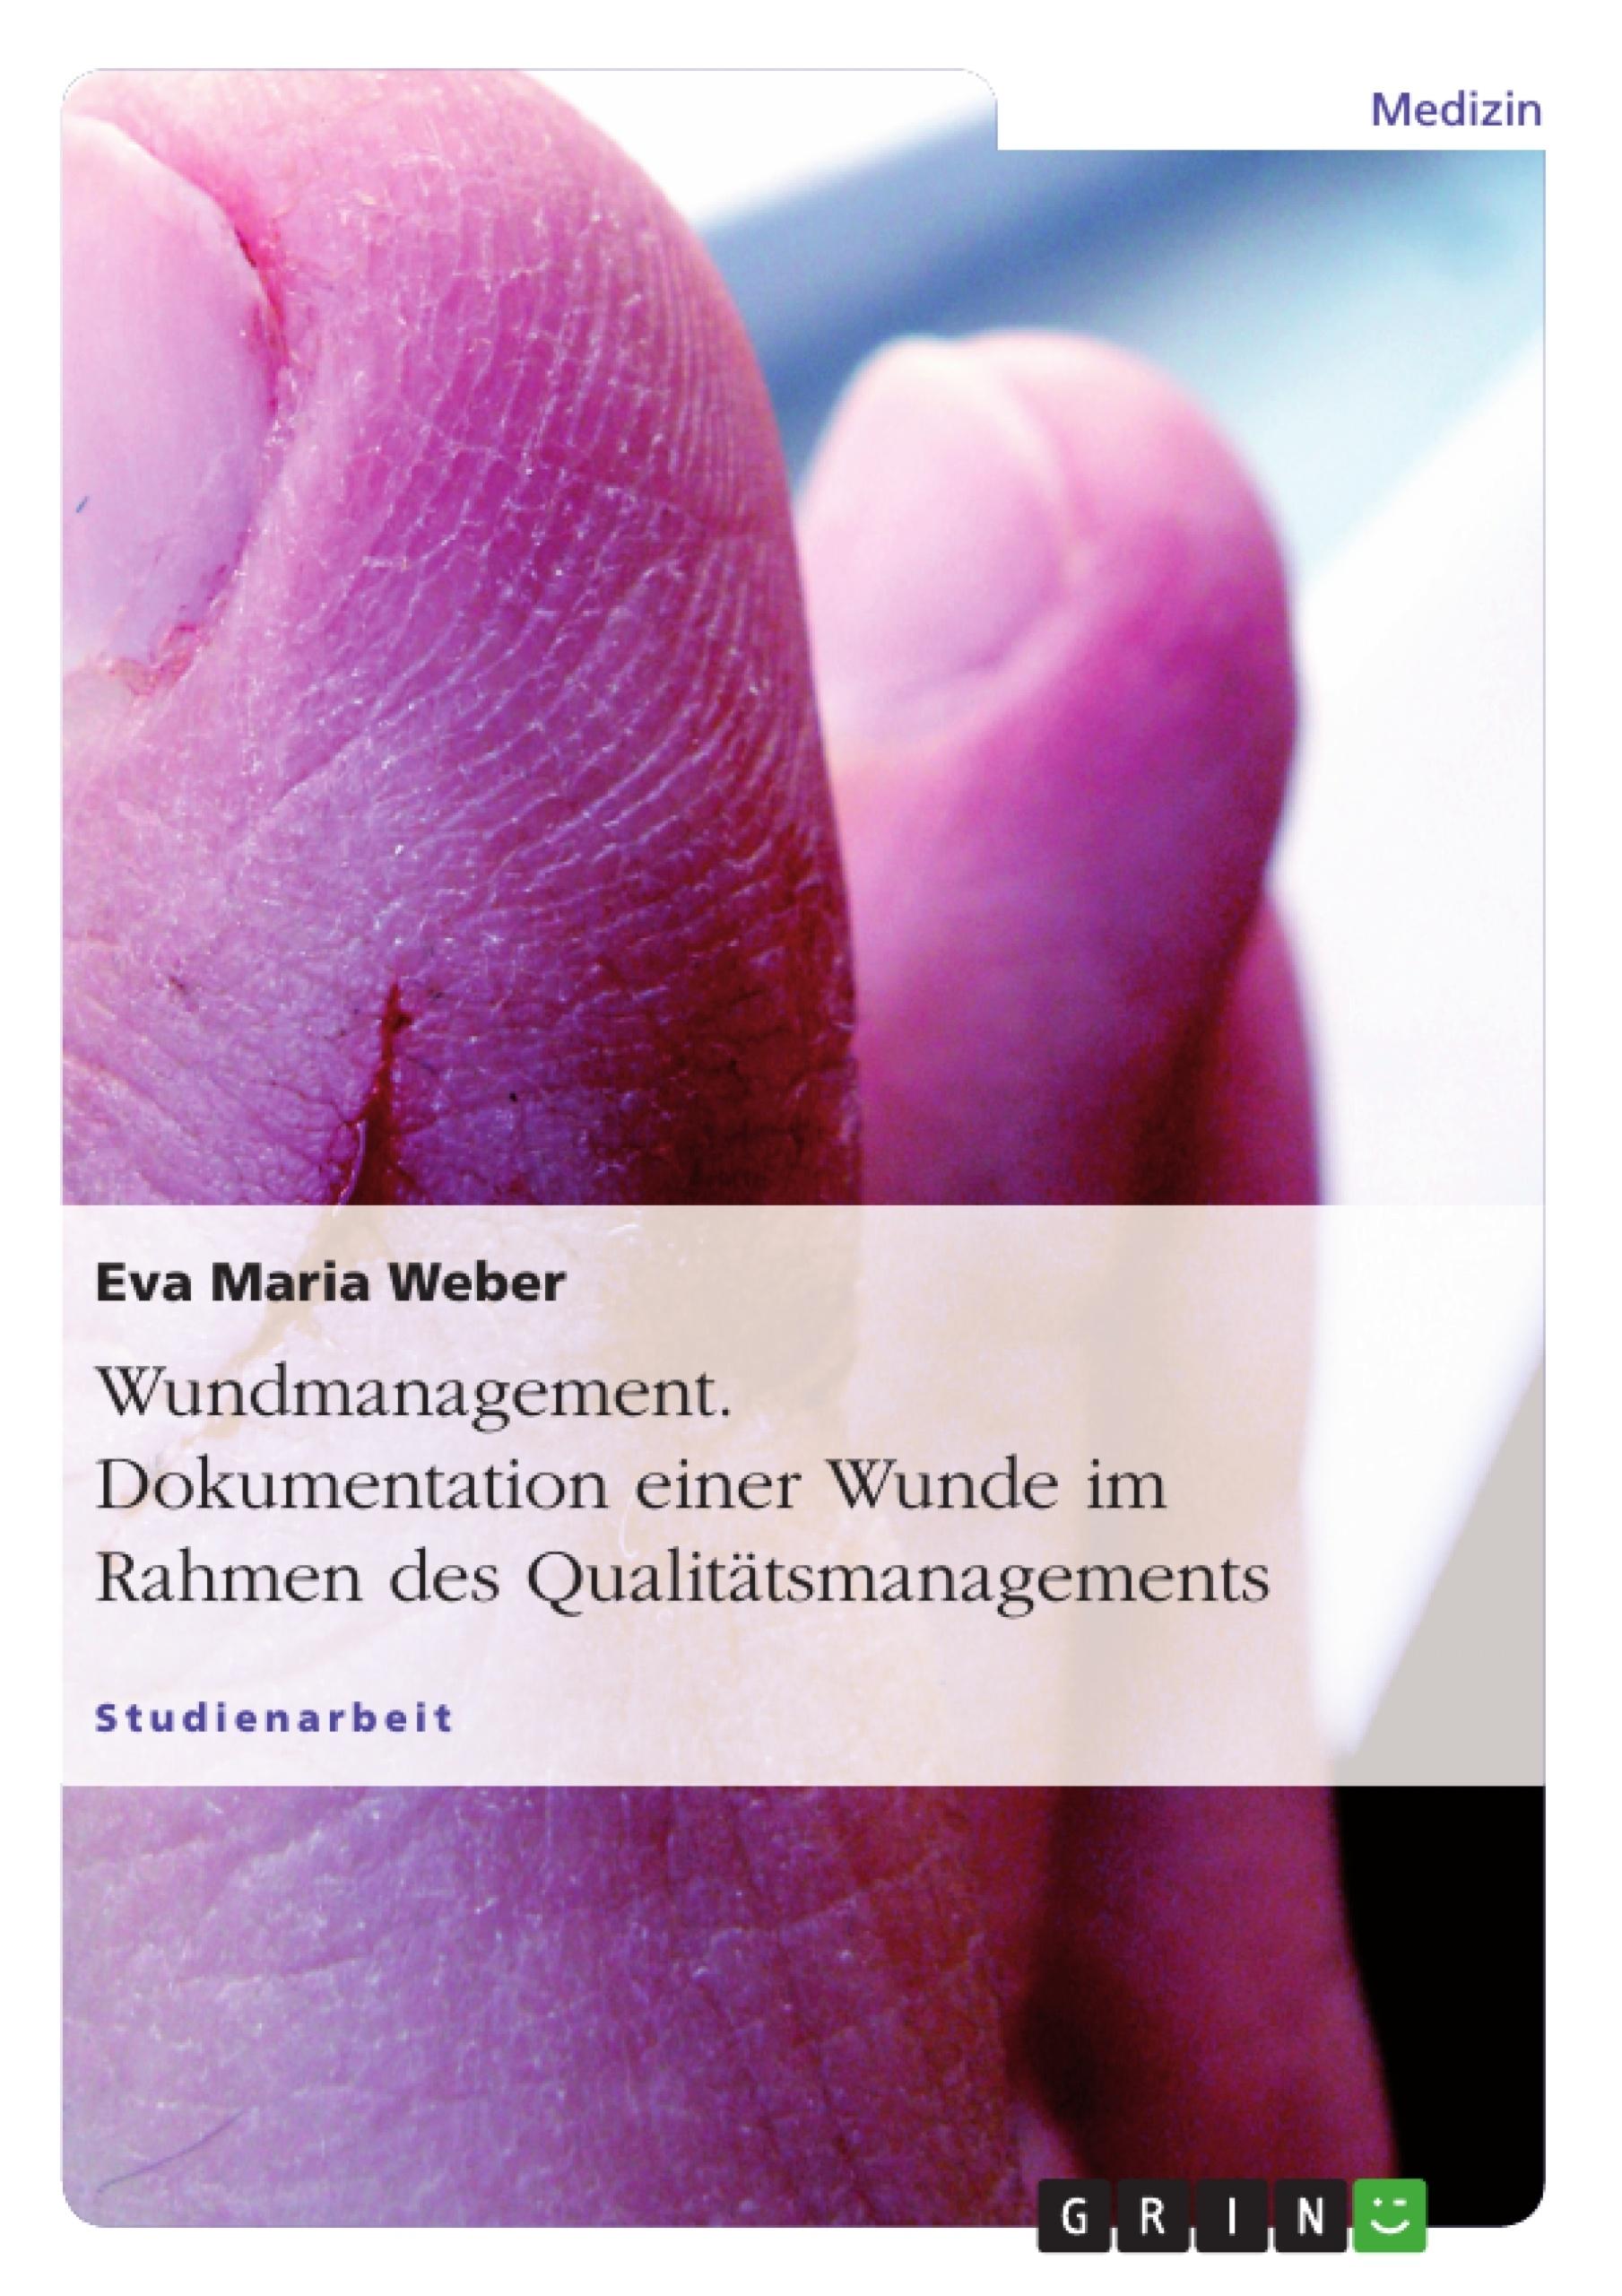 Titel: Wundmanagement. Dokumentation einer Wunde im Rahmen des Qualitätsmanagements.